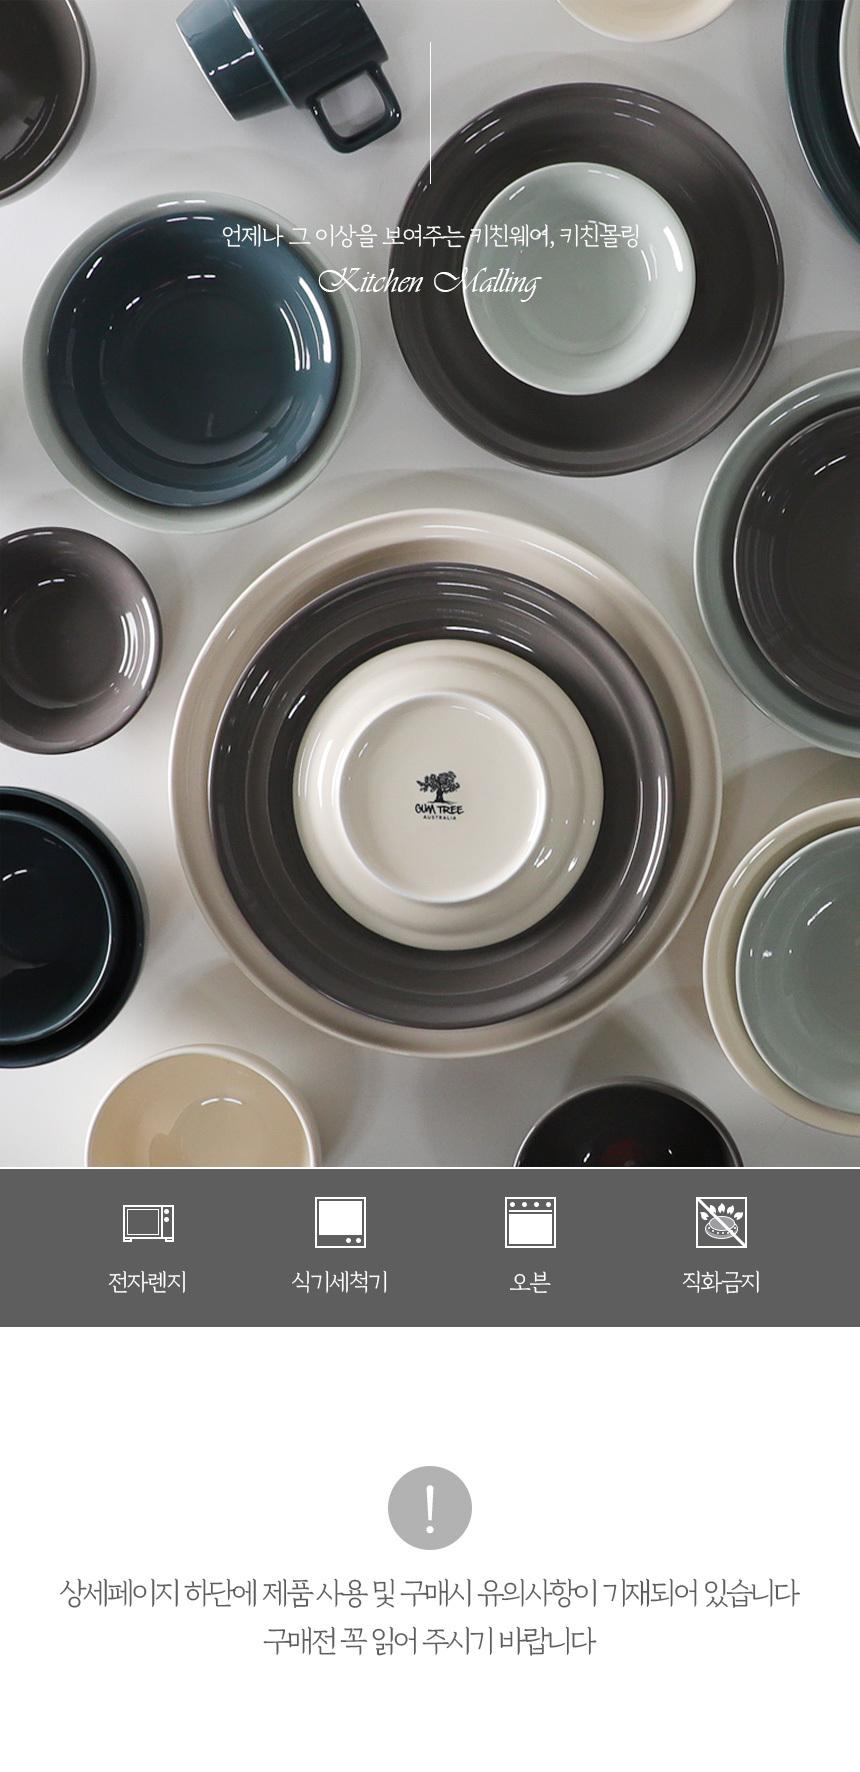 무스 공기 밥그릇 4color 택1p - 키친몰링, 8,500원, 밥공기/국공기, 밥공기